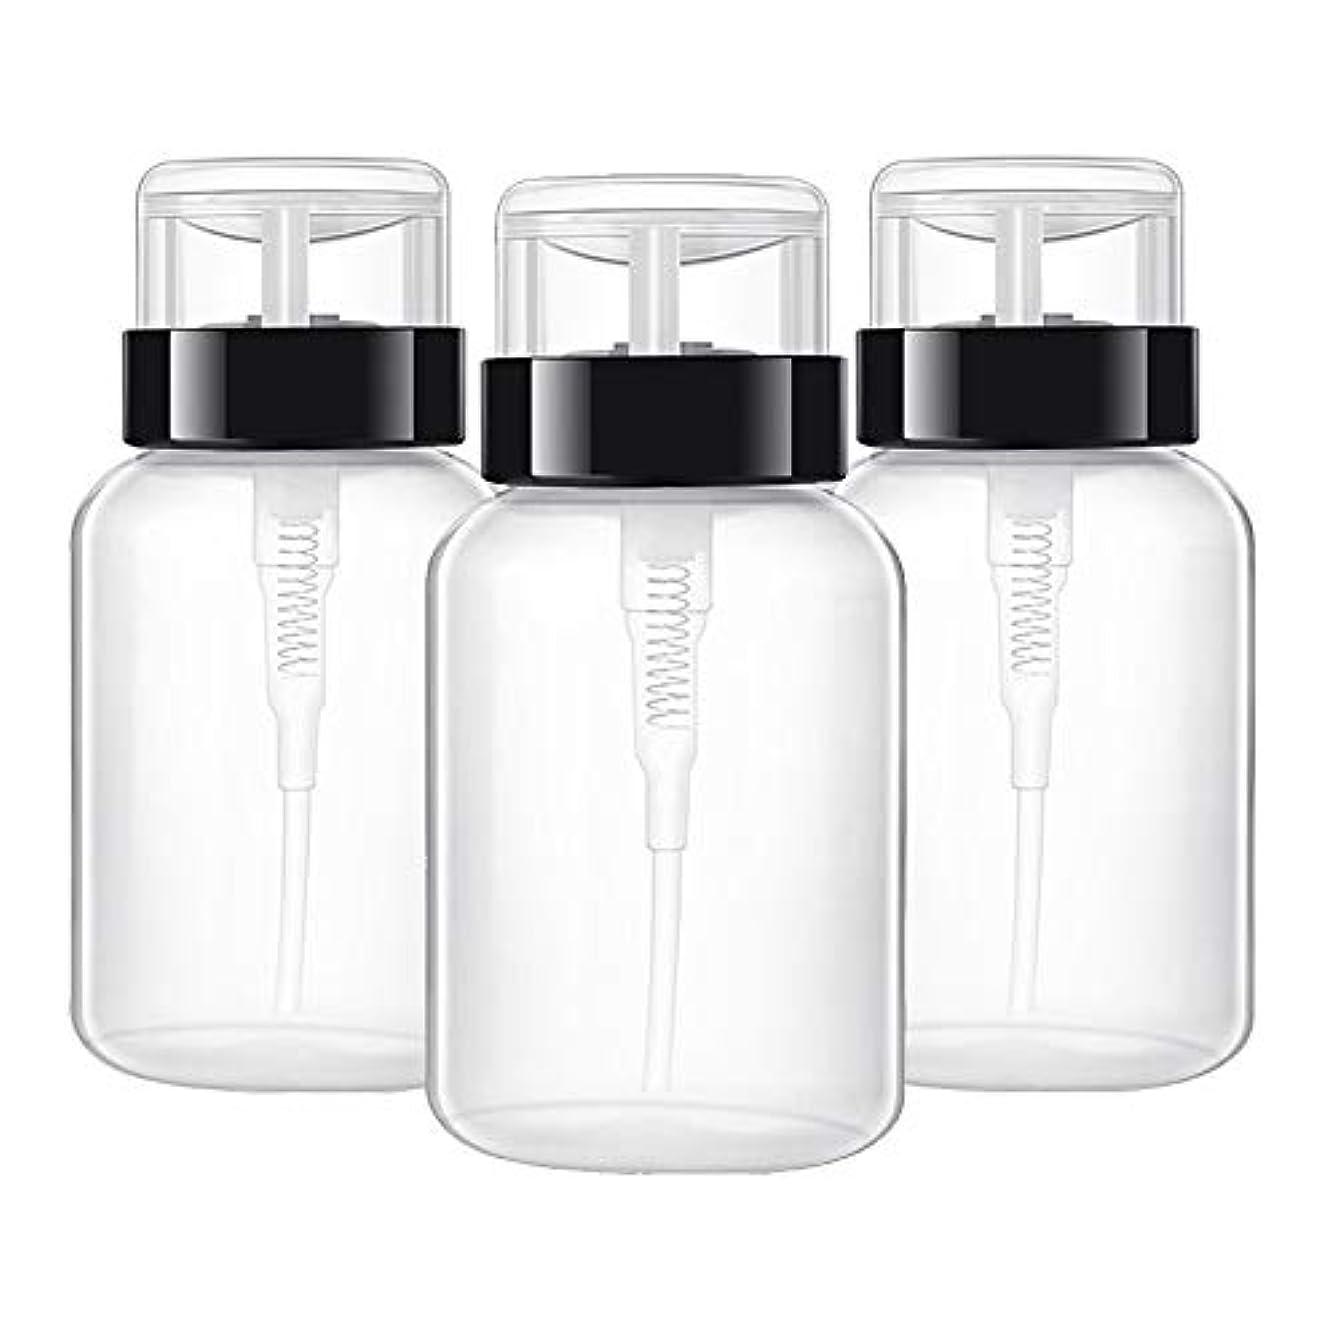 パンダ病院報いるマニキュアツールツール 空ポンプ ボトル ネイルクリーナーボトル ポンプディスペンサー ジェルクリーナー 200ミリリットル 3ピース